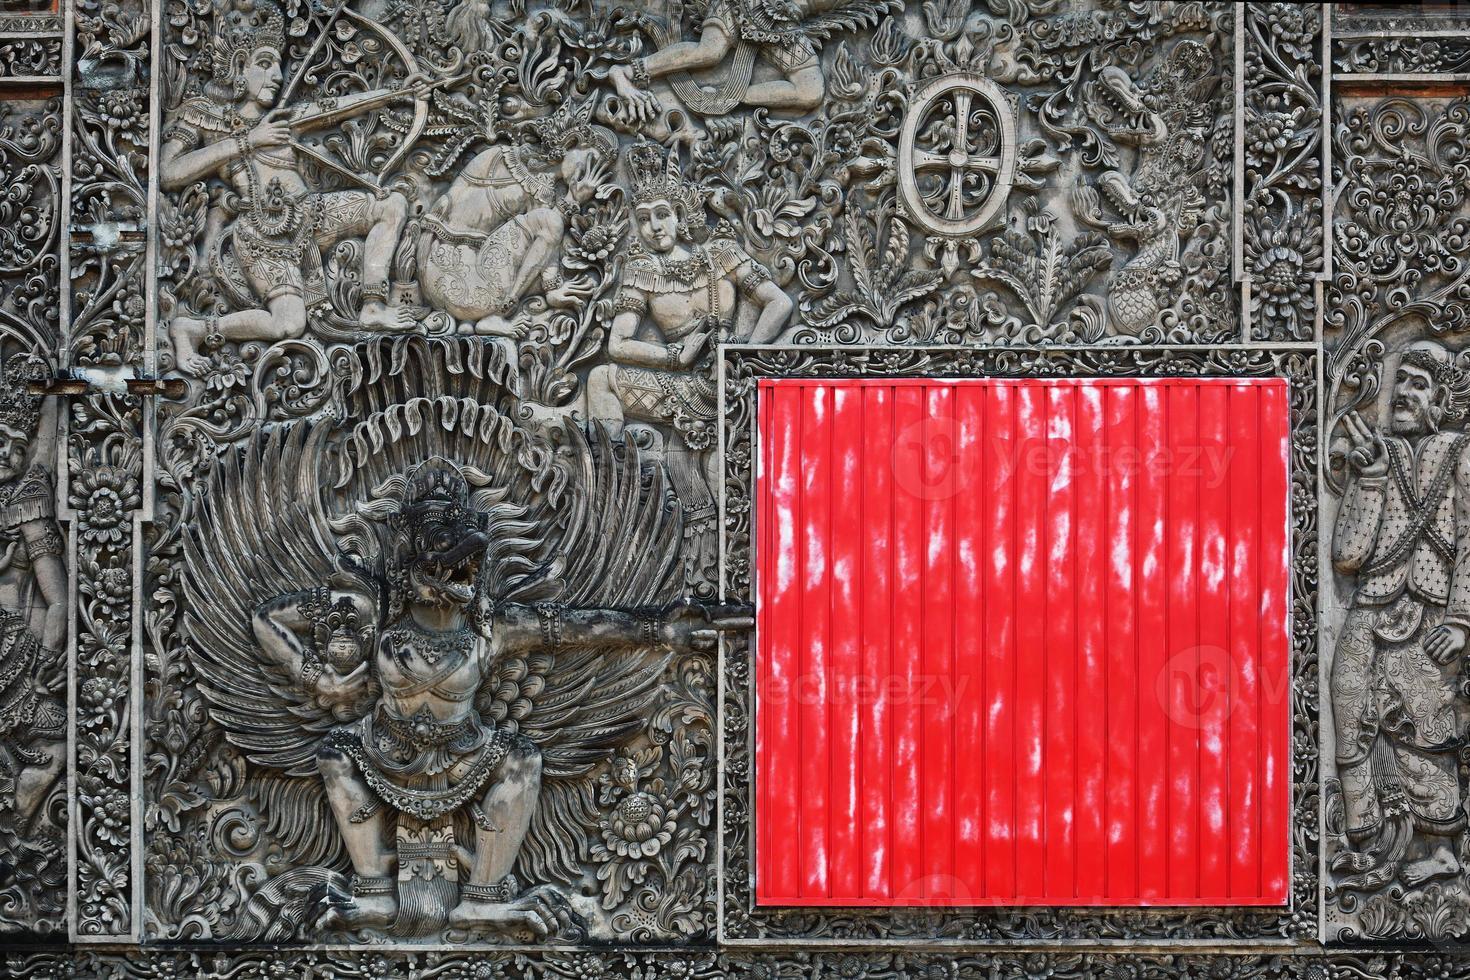 oude Balinese steenhouwen achtergrond met het Rode plein schild foto